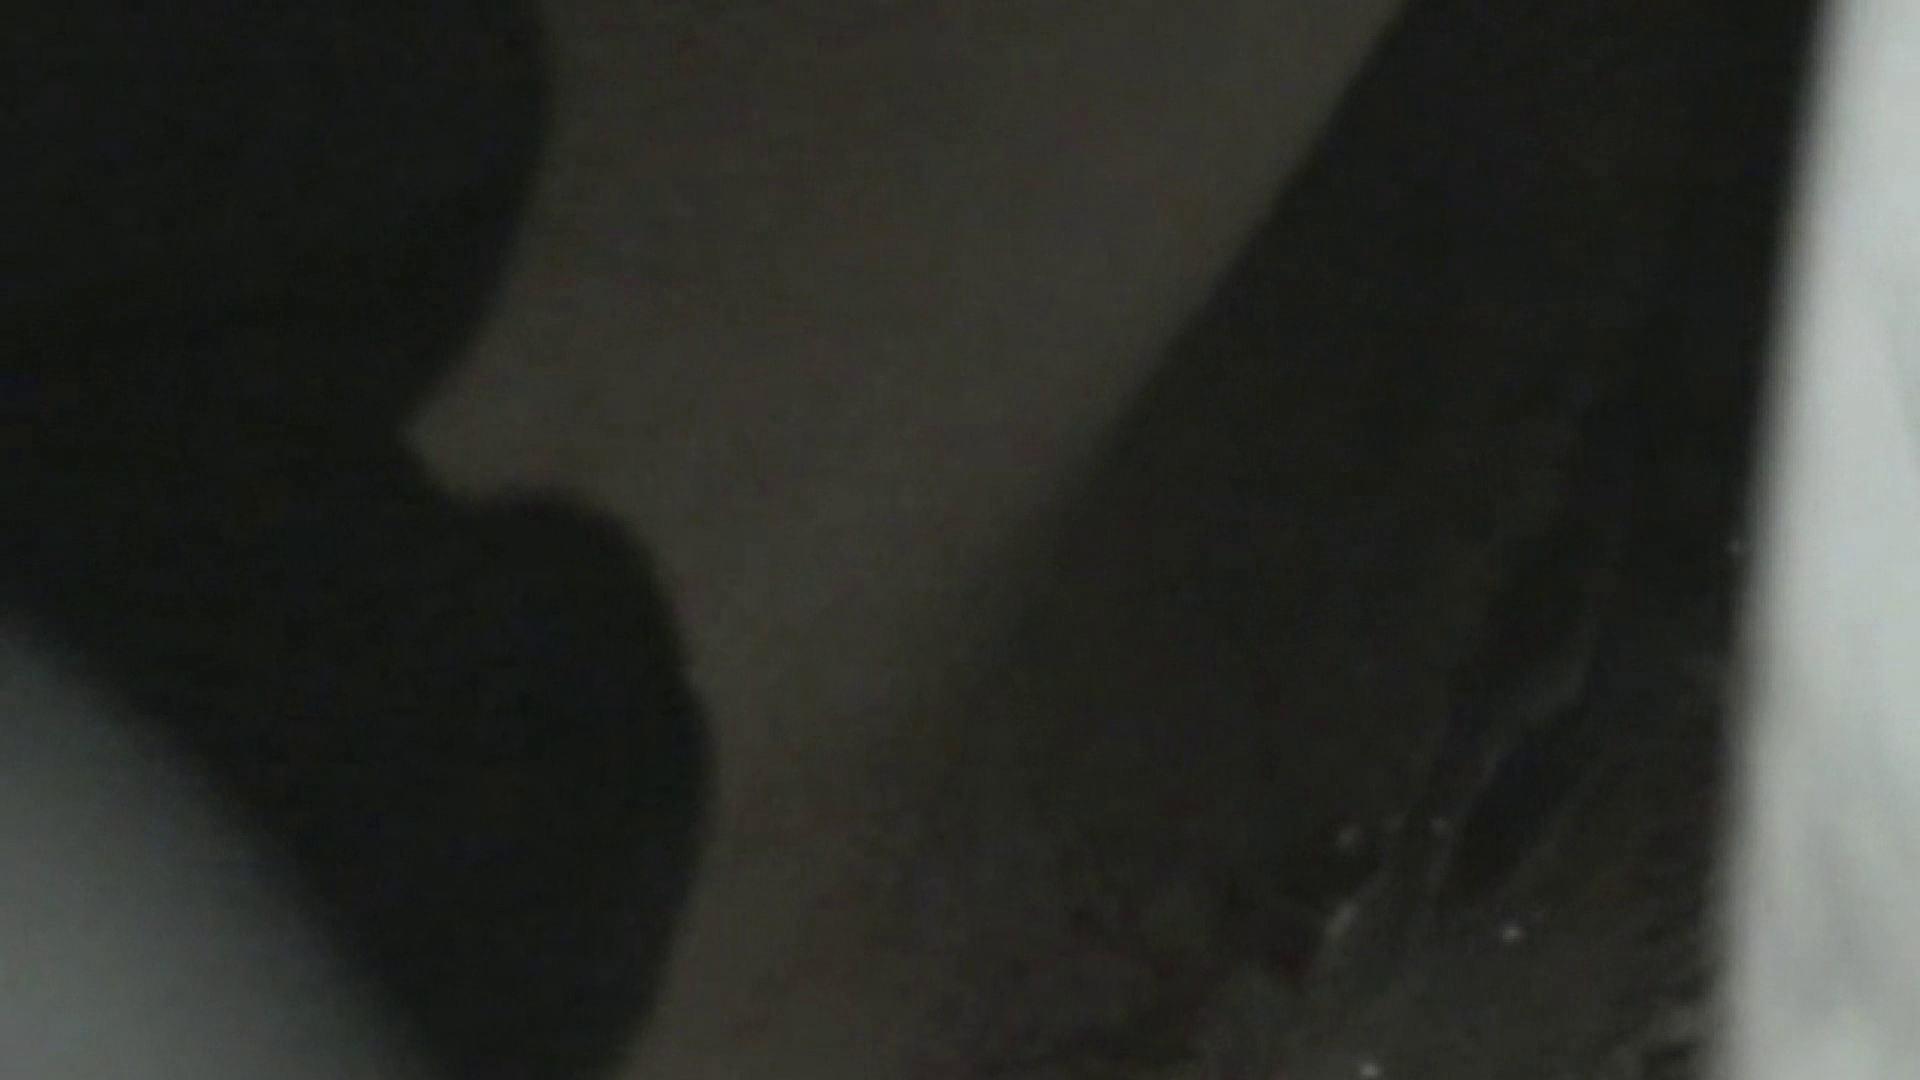 ロックハンドさんの盗撮記録File.46 盗撮 エロ画像 95枚 82